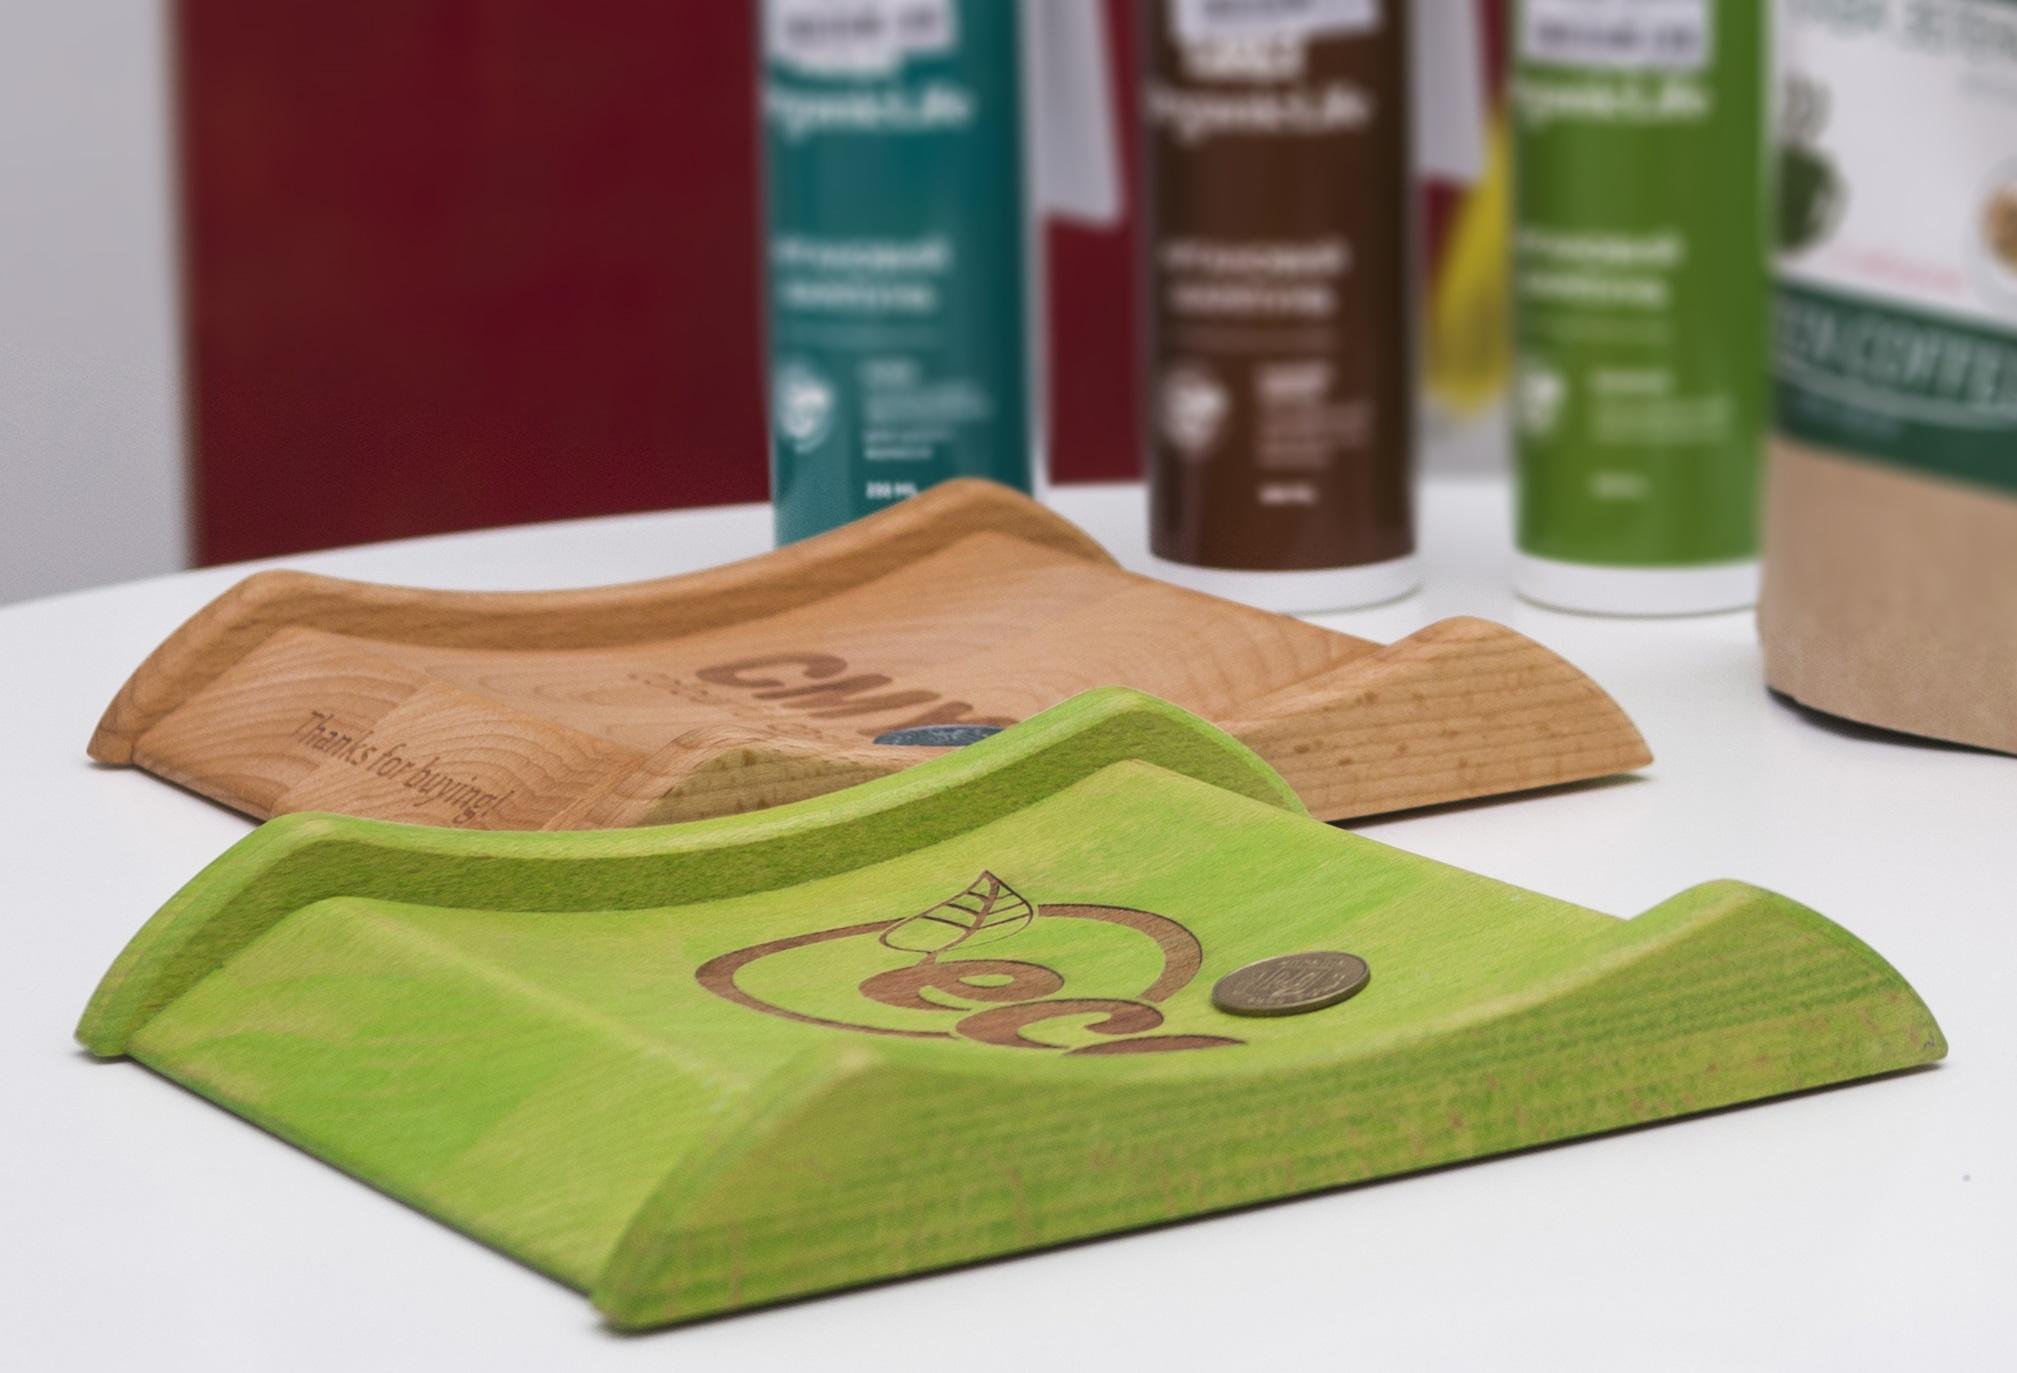 Wooden cash tray CMYK